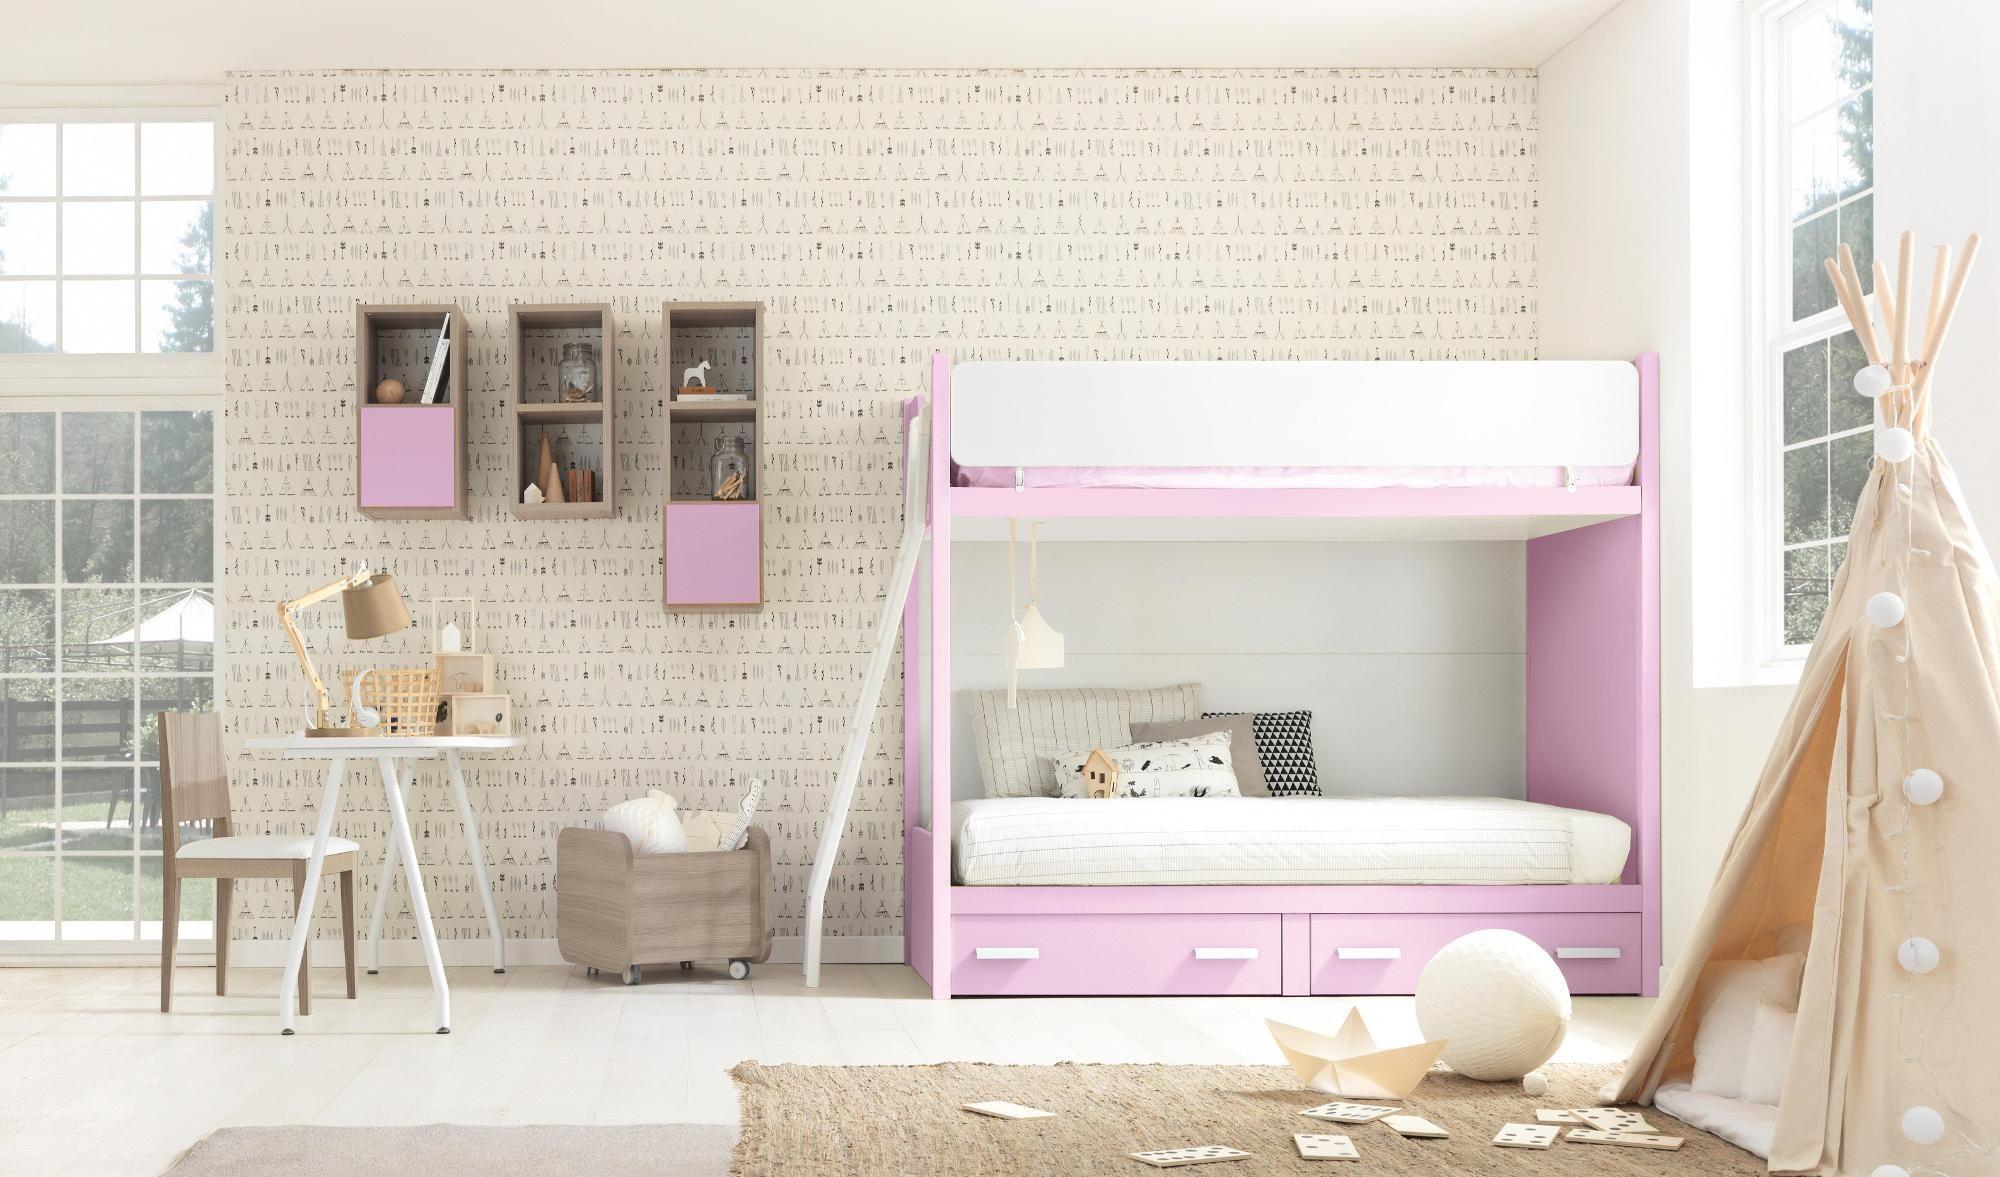 Finitura rosa e ciliegio bianco Arredo camere da letto per ...